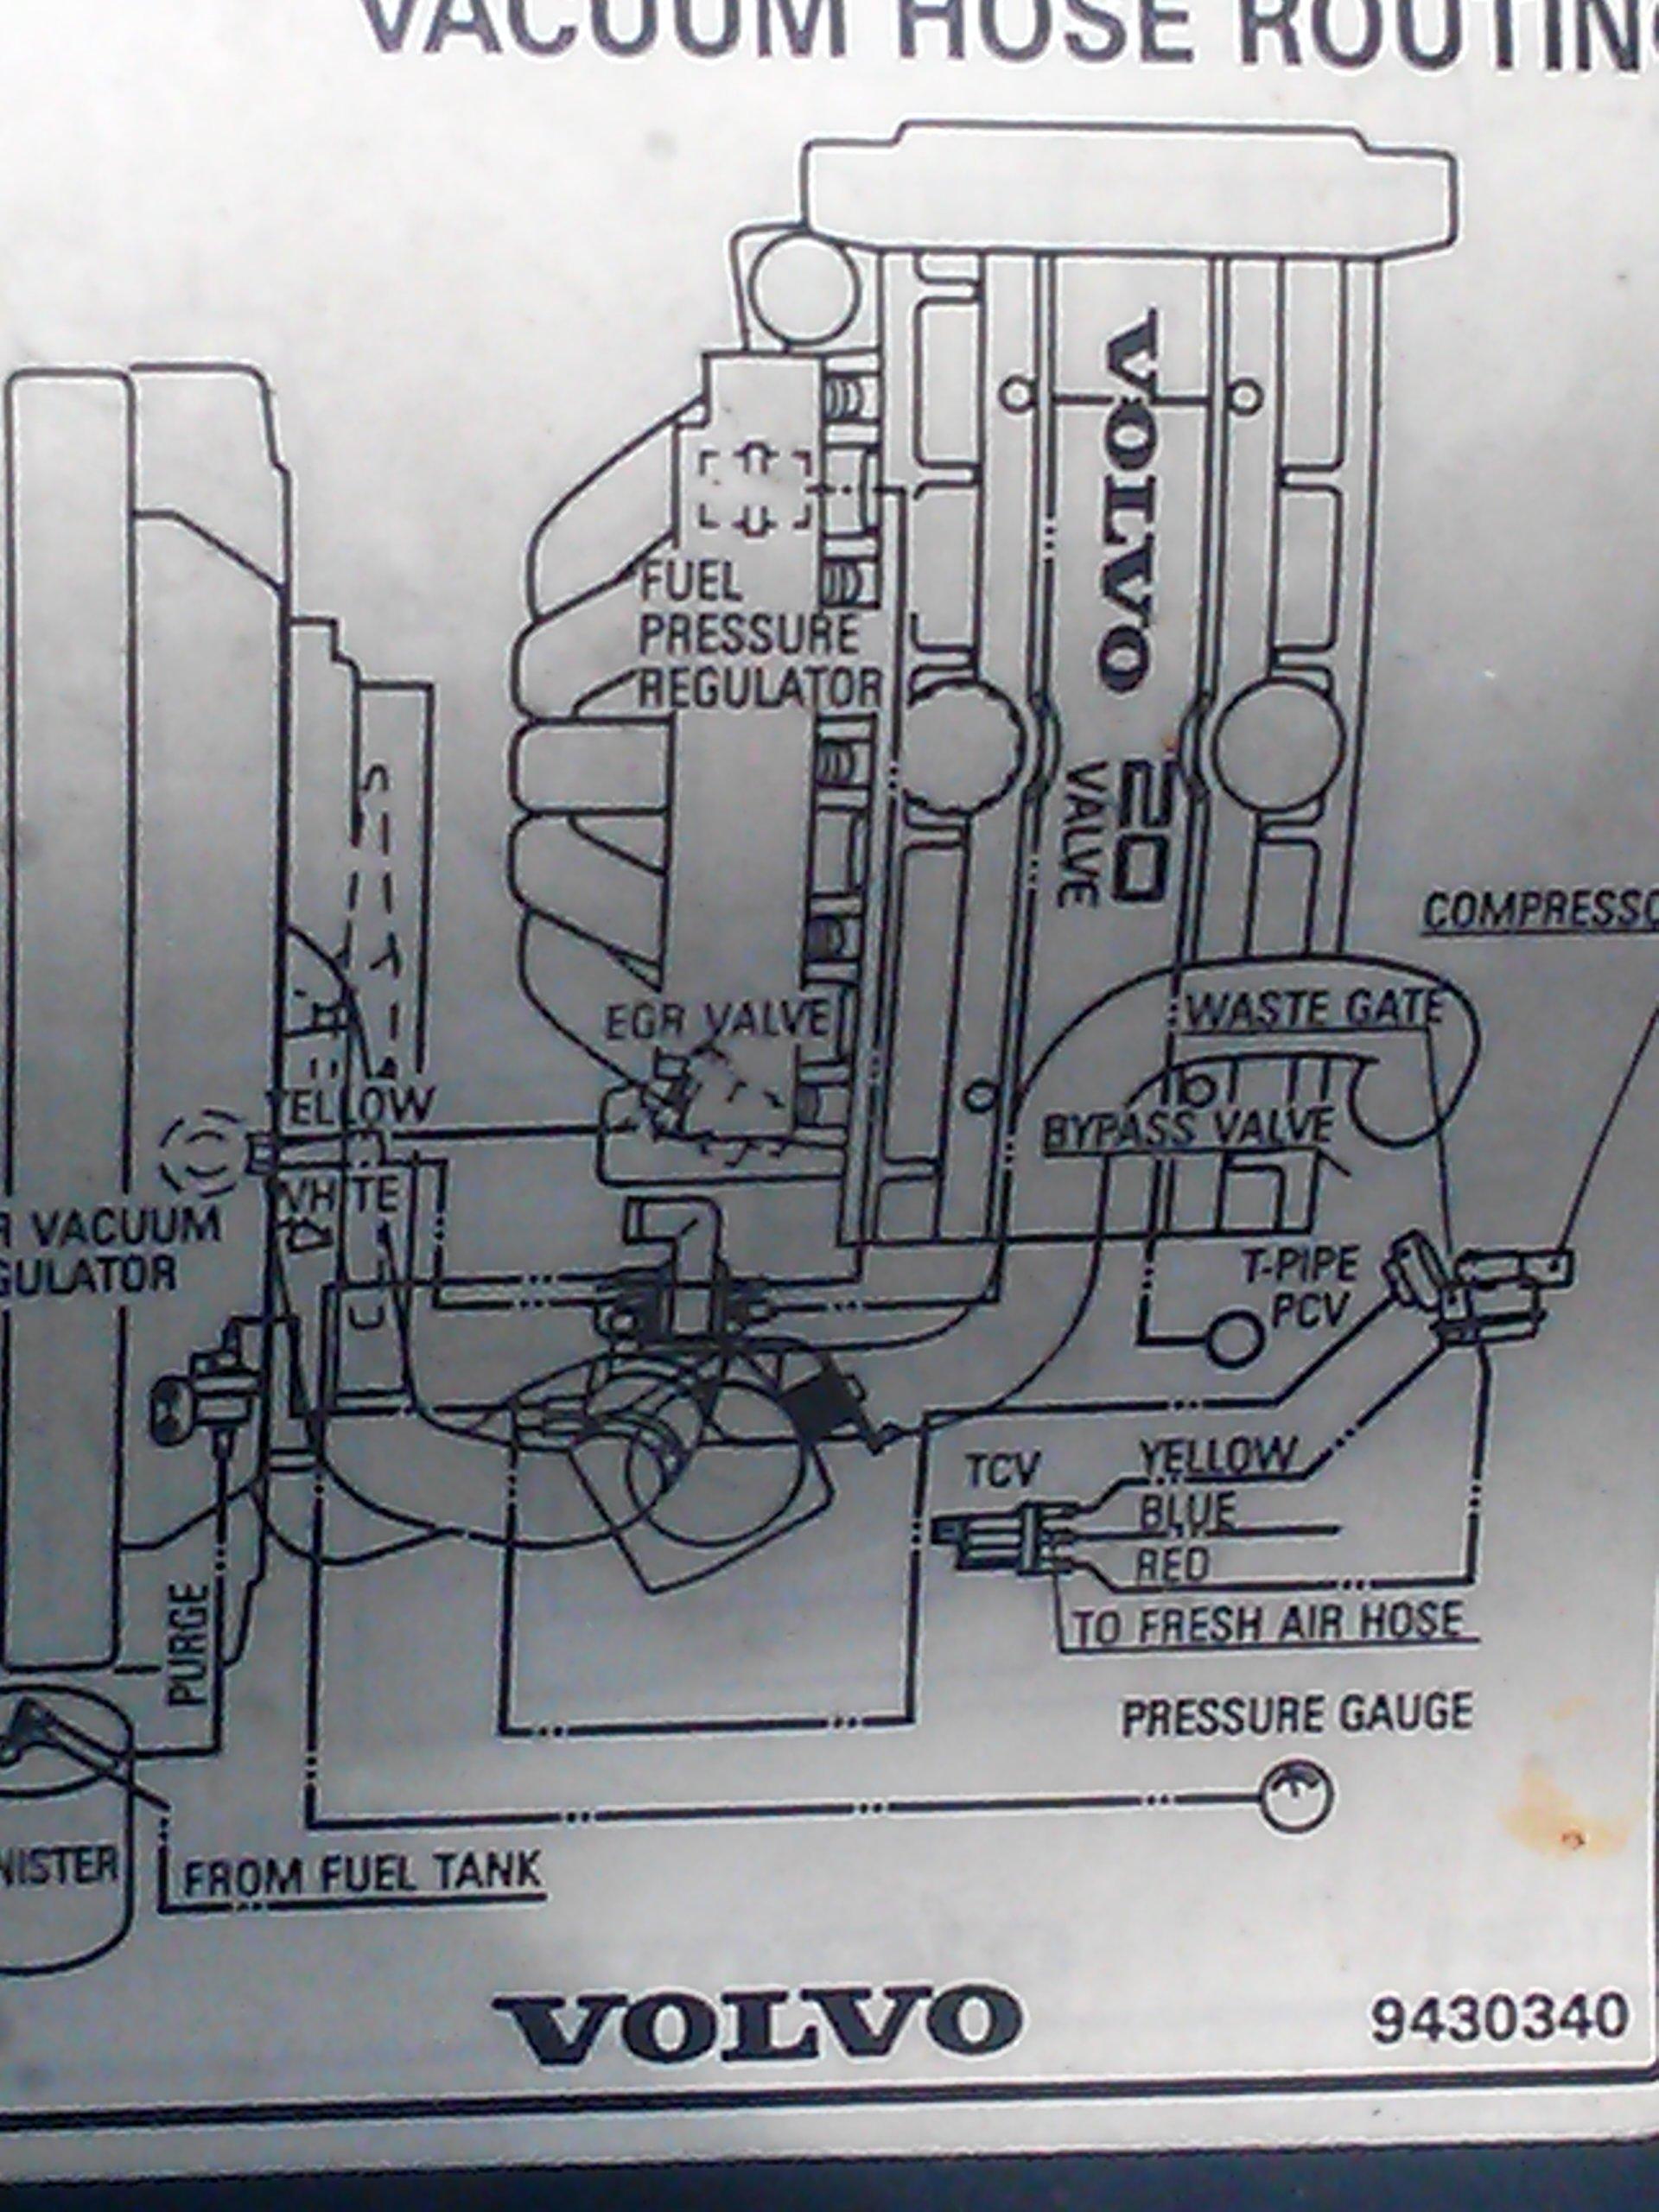 1994 850 Turbo Vacuum